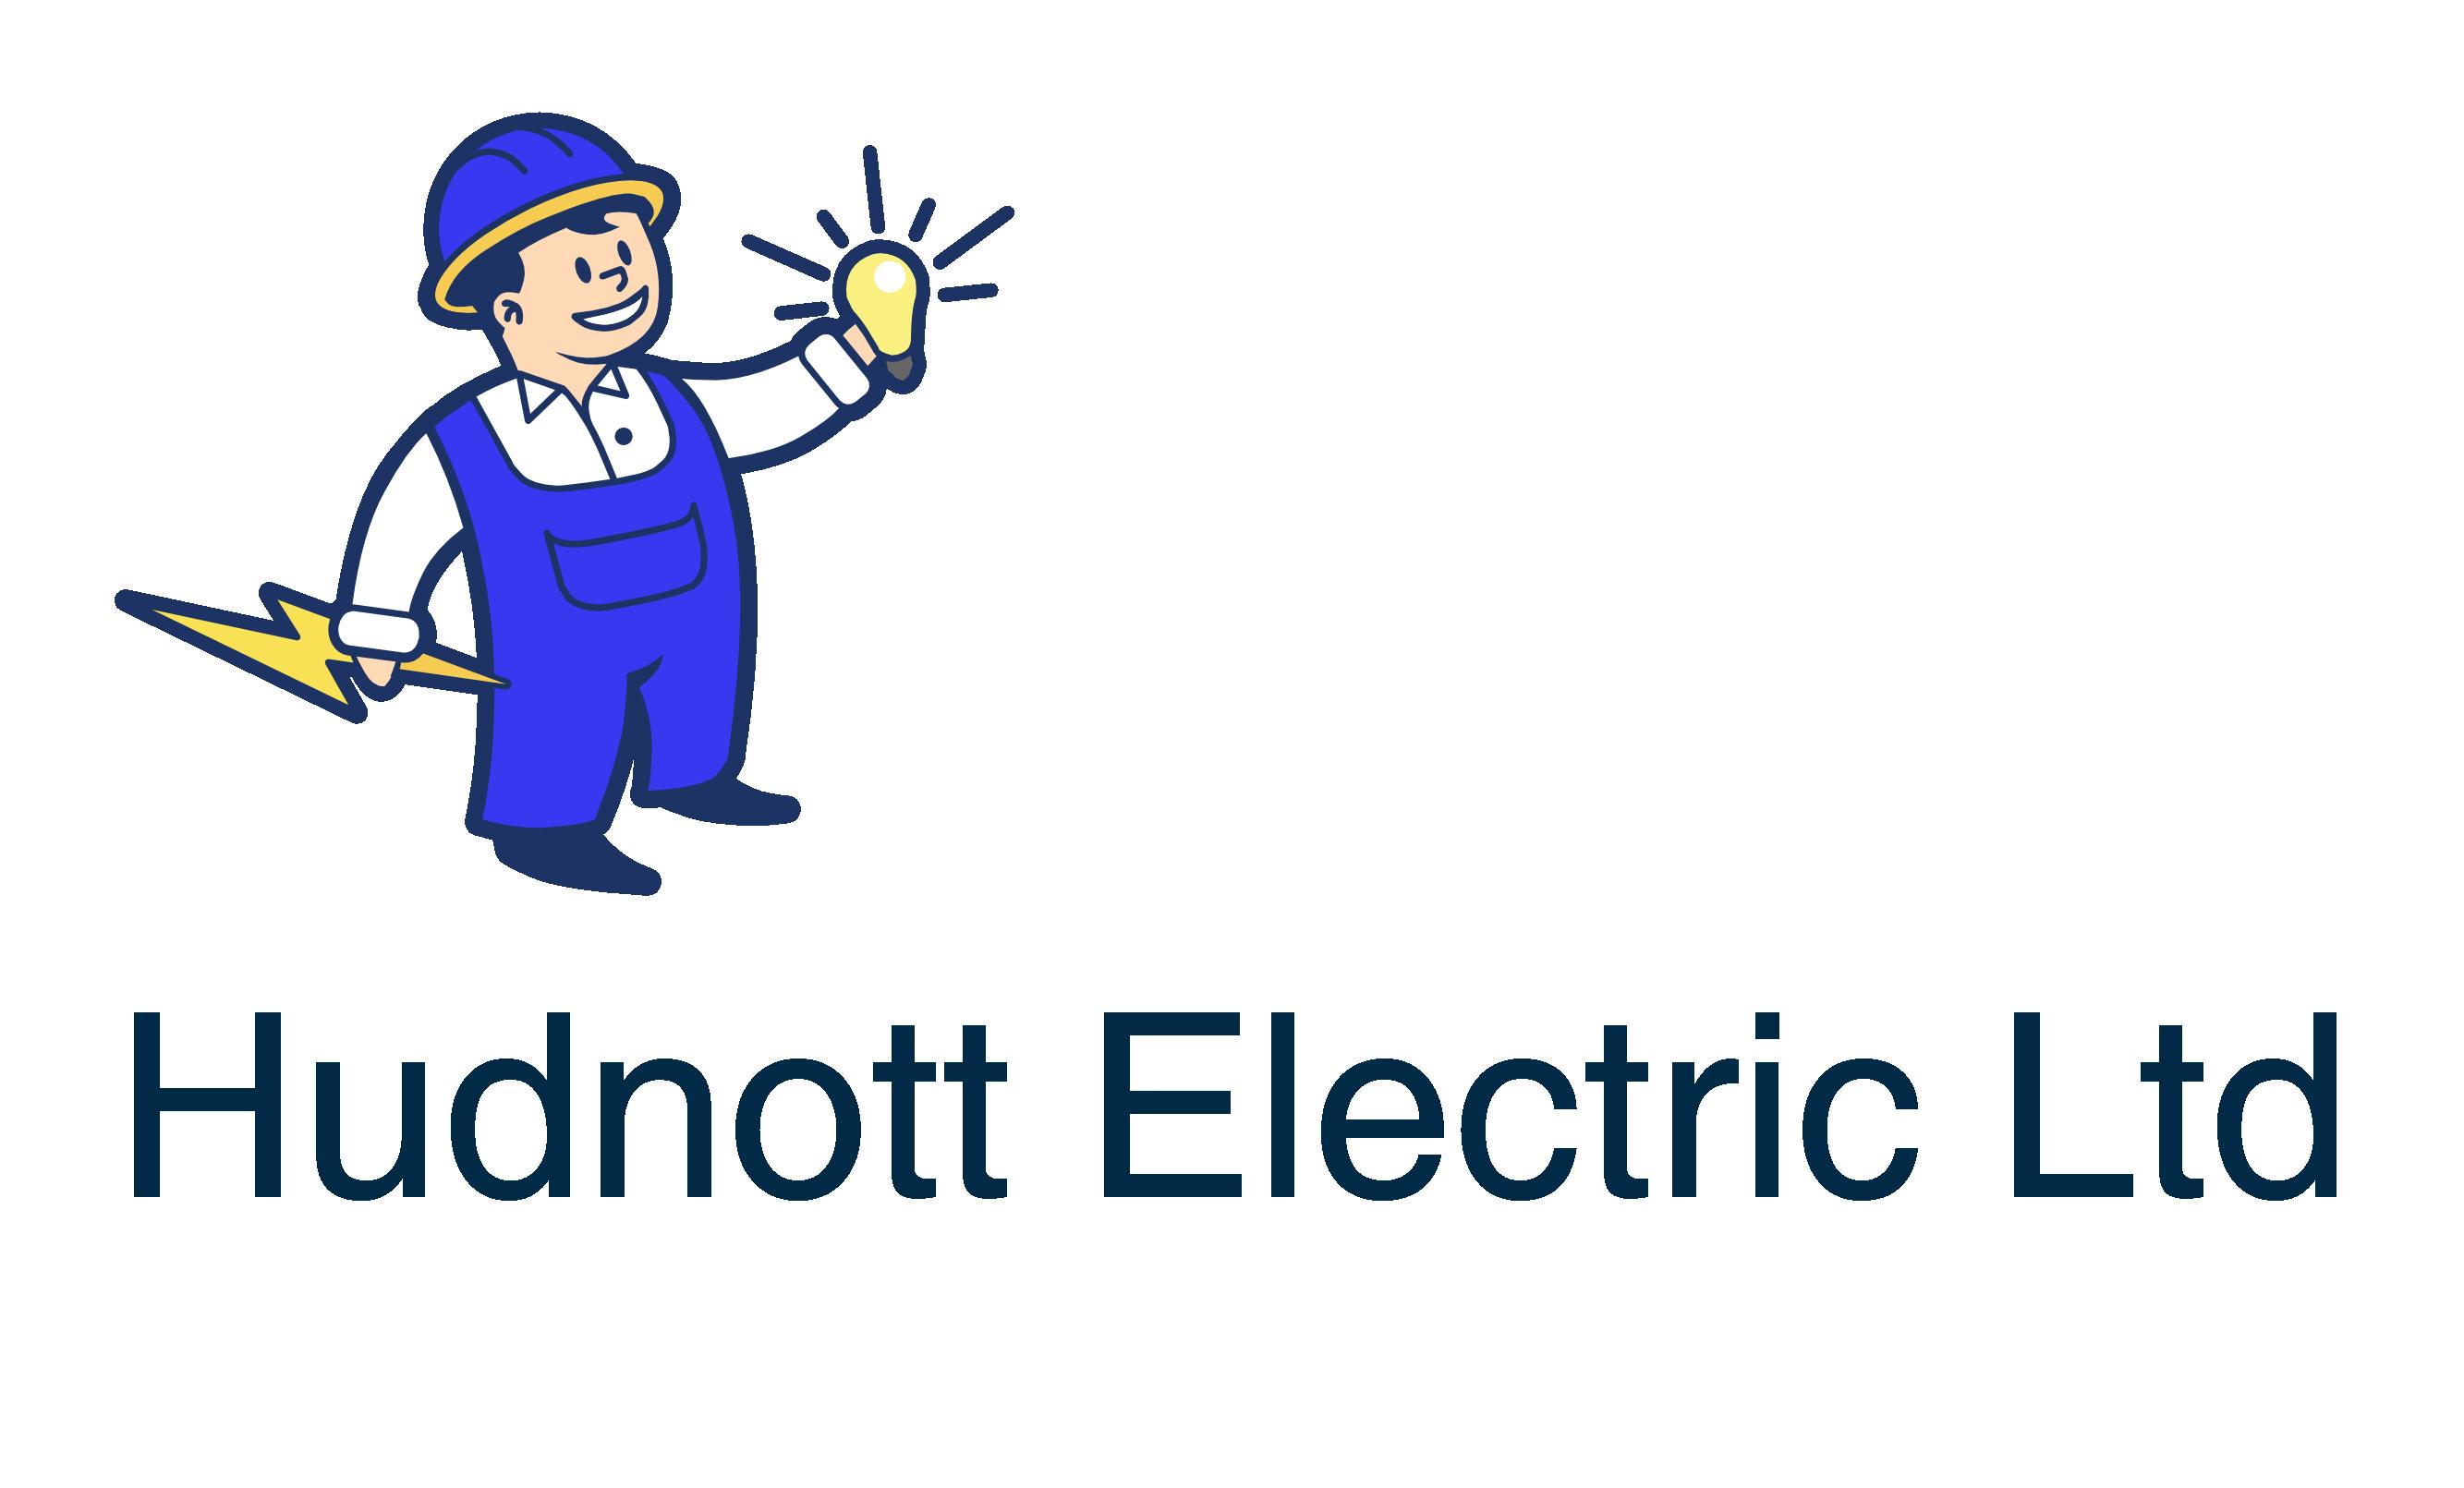 Hudnott Electric Ltd